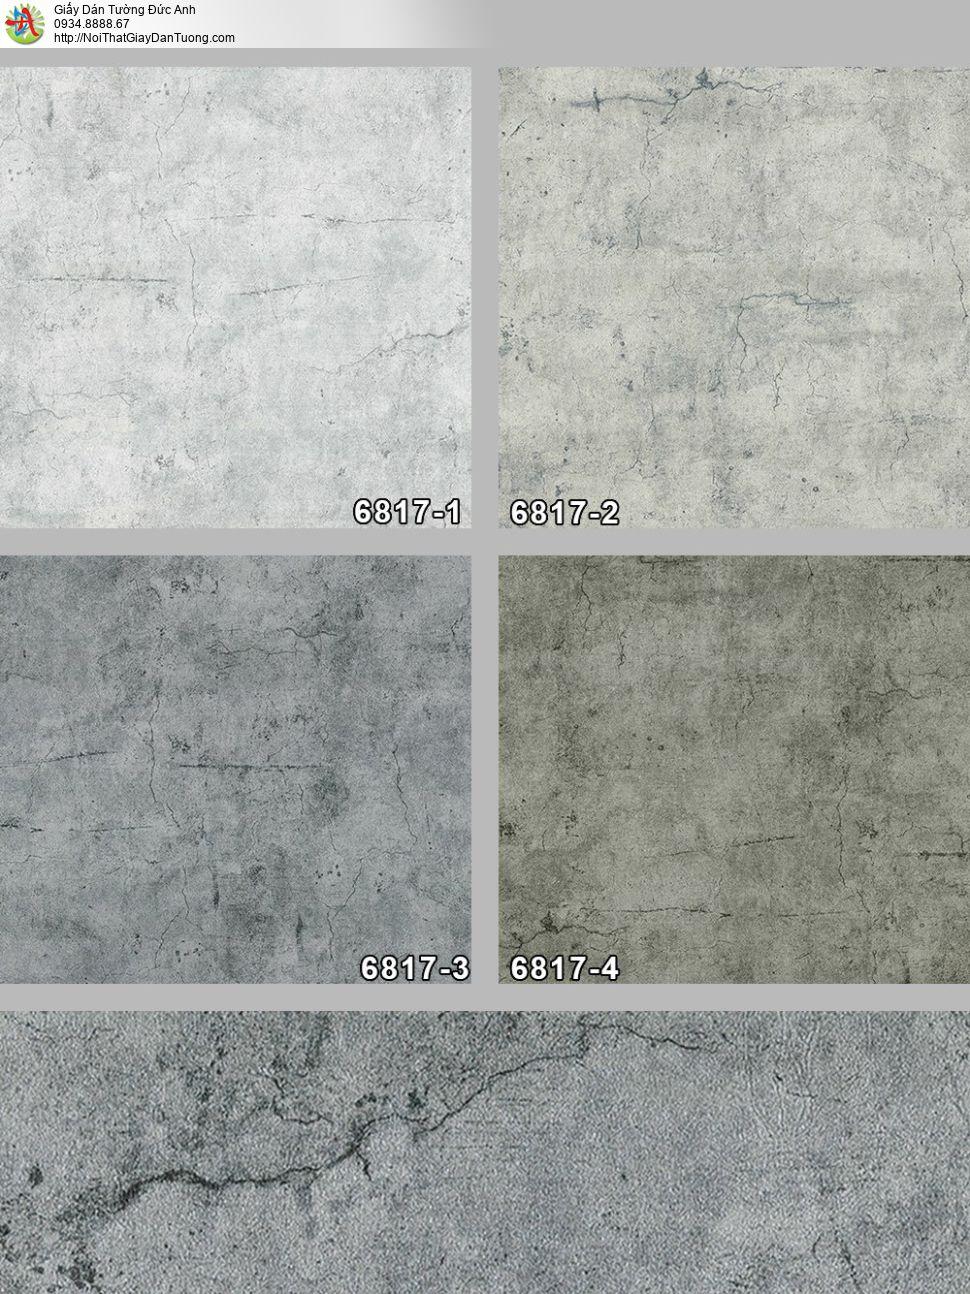 Albany 6817-3, Giấy dán tường màu xám xi măng, giấy dán tường màu bê tông mới 2022